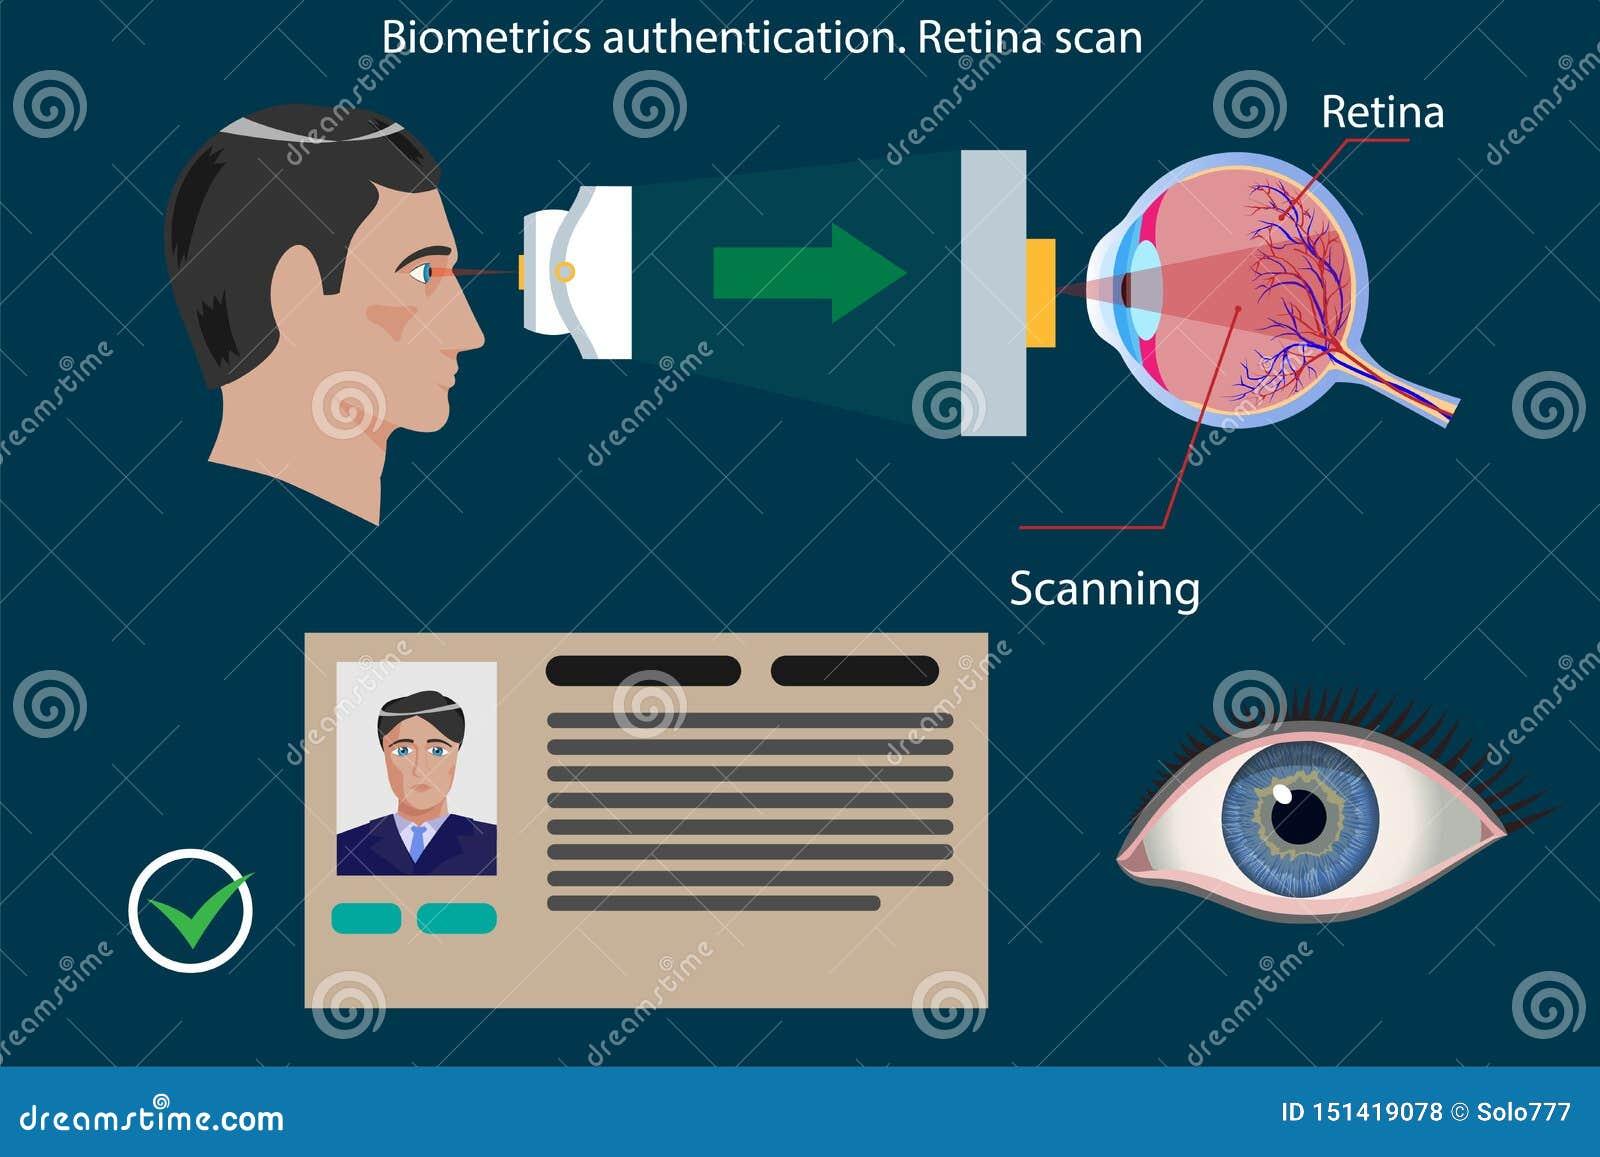 Tipo de la exploración de la retina de autentificación biométrica - ejemplo del vector del concepto